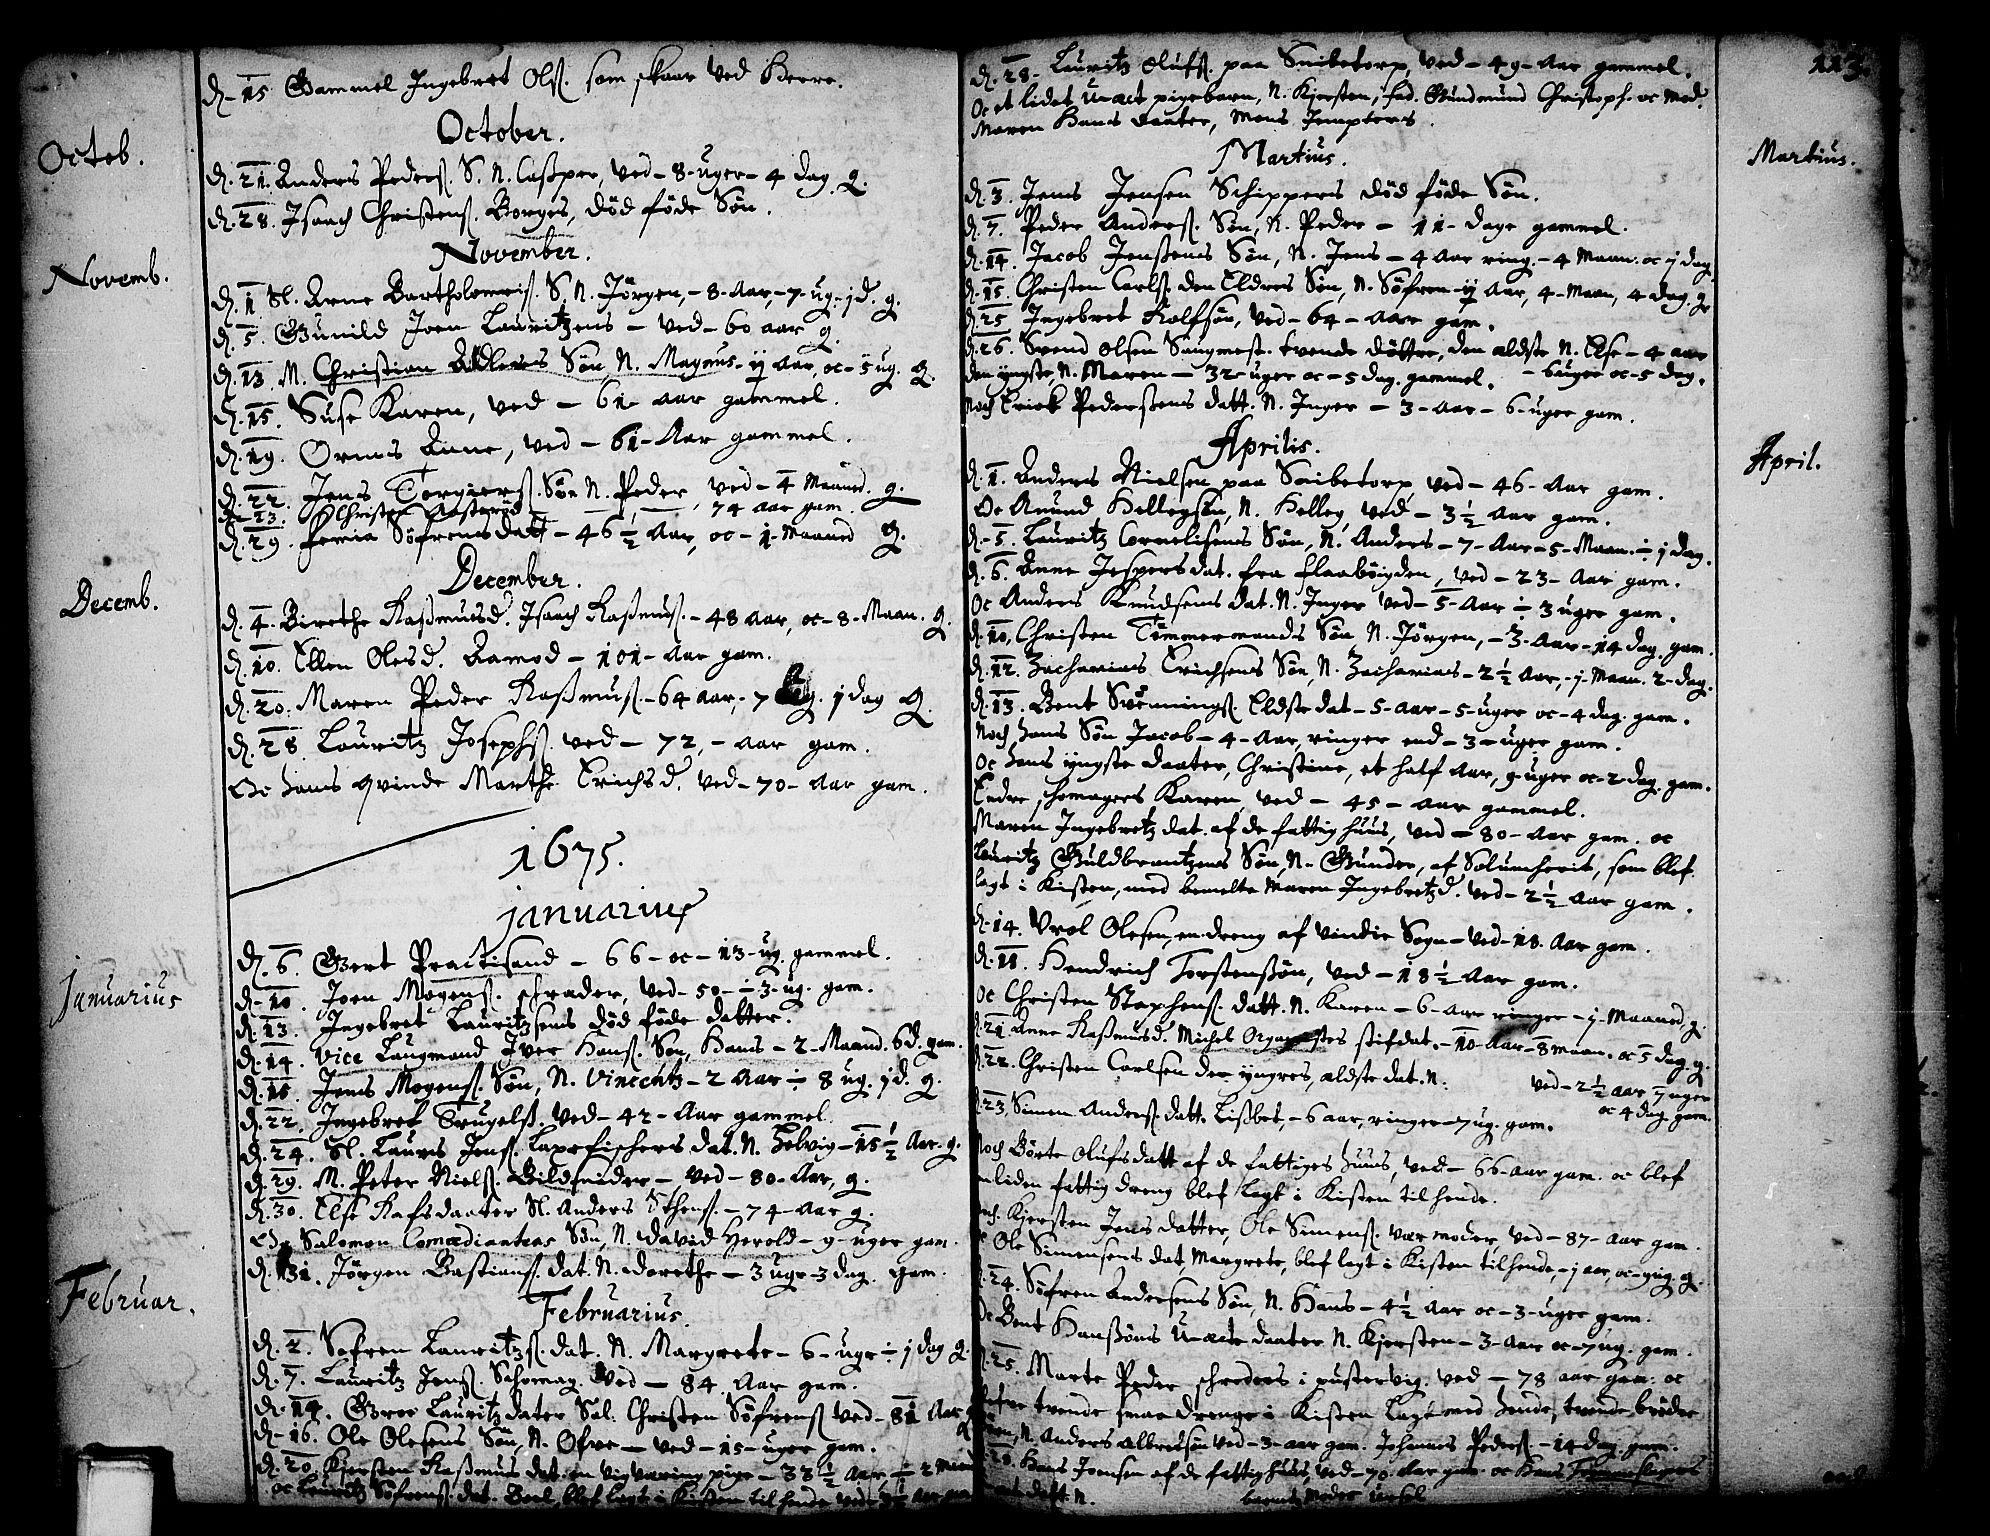 SAKO, Skien kirkebøker, F/Fa/L0001: Ministerialbok nr. 1, 1659-1679, s. 113